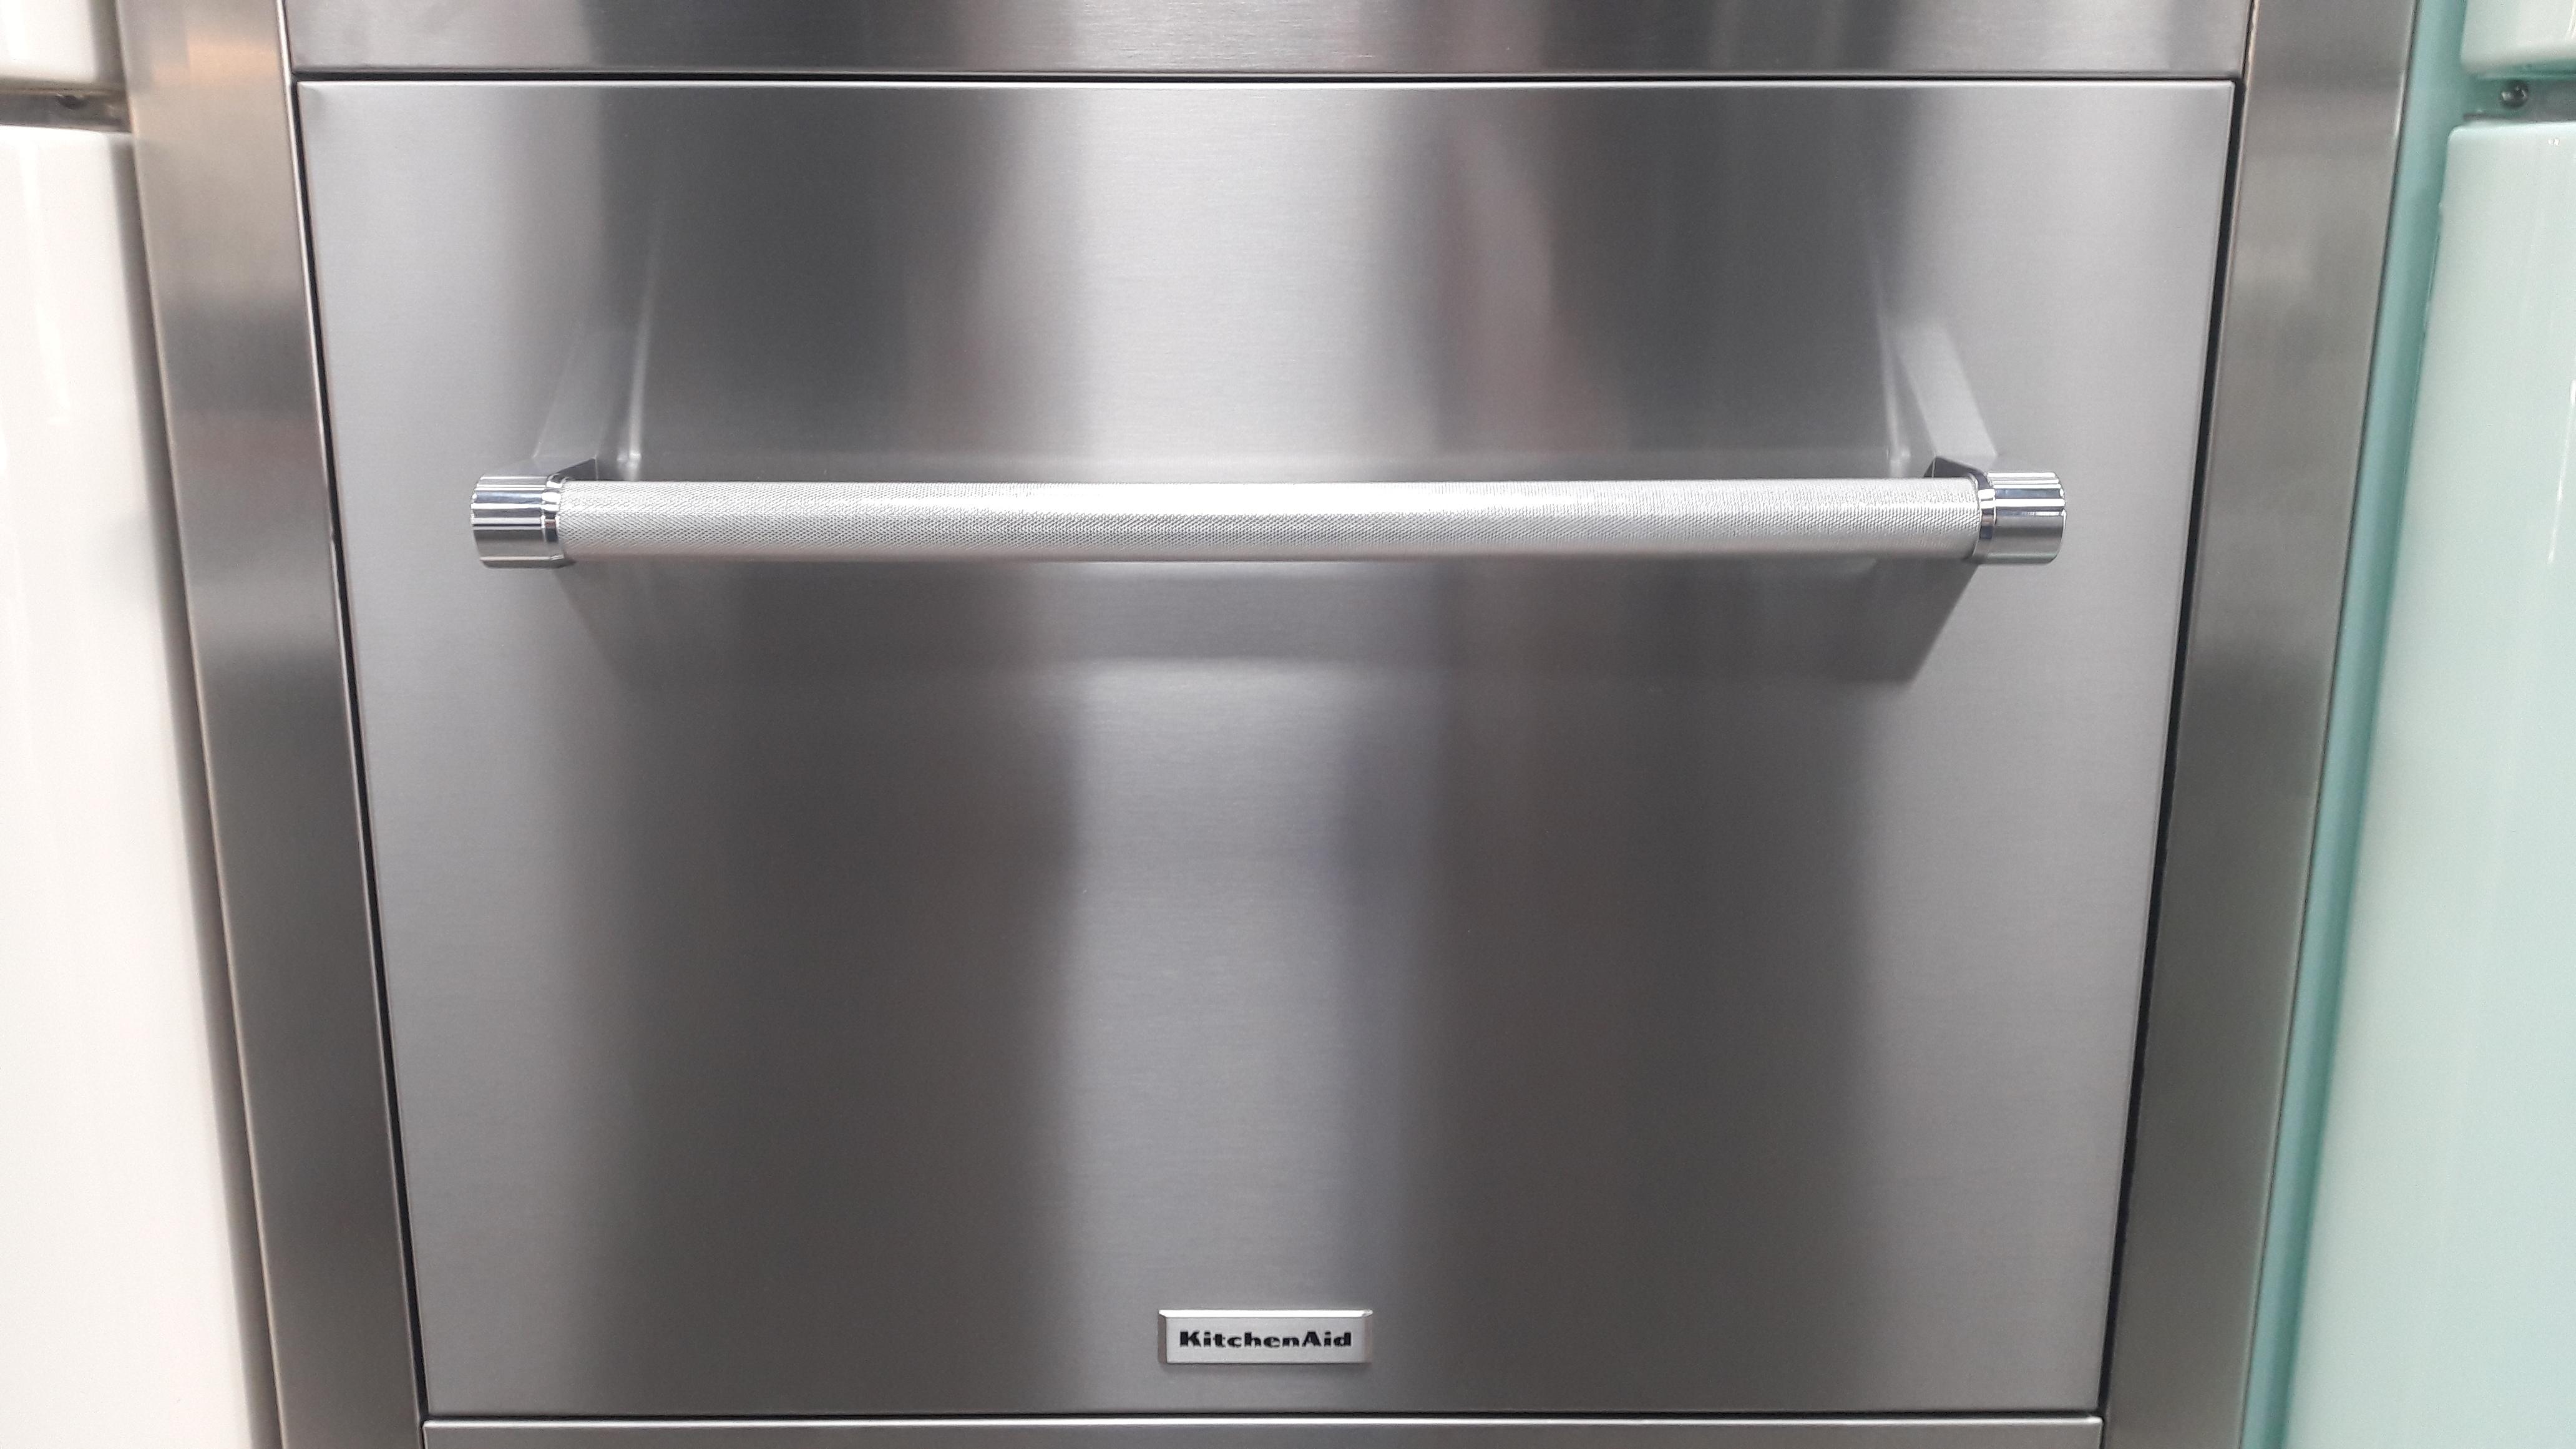 Kitchenaid Kühlschrank Side By Side : Kitchenaid kvxxx 29600 einbau vakuumierer 29 cm chef touch collection